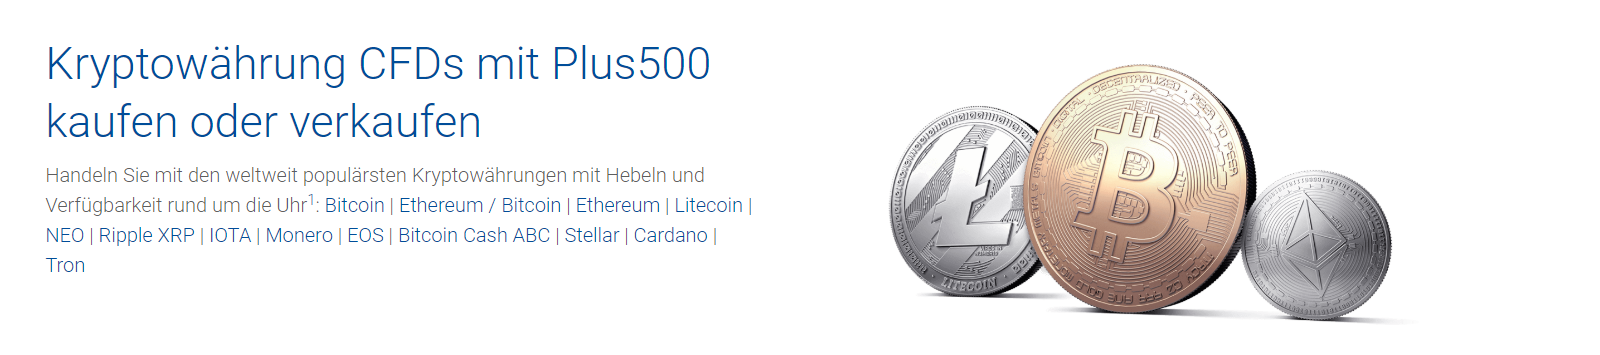 Plus500 ermöglicht den Handel mit Kryptowährungen